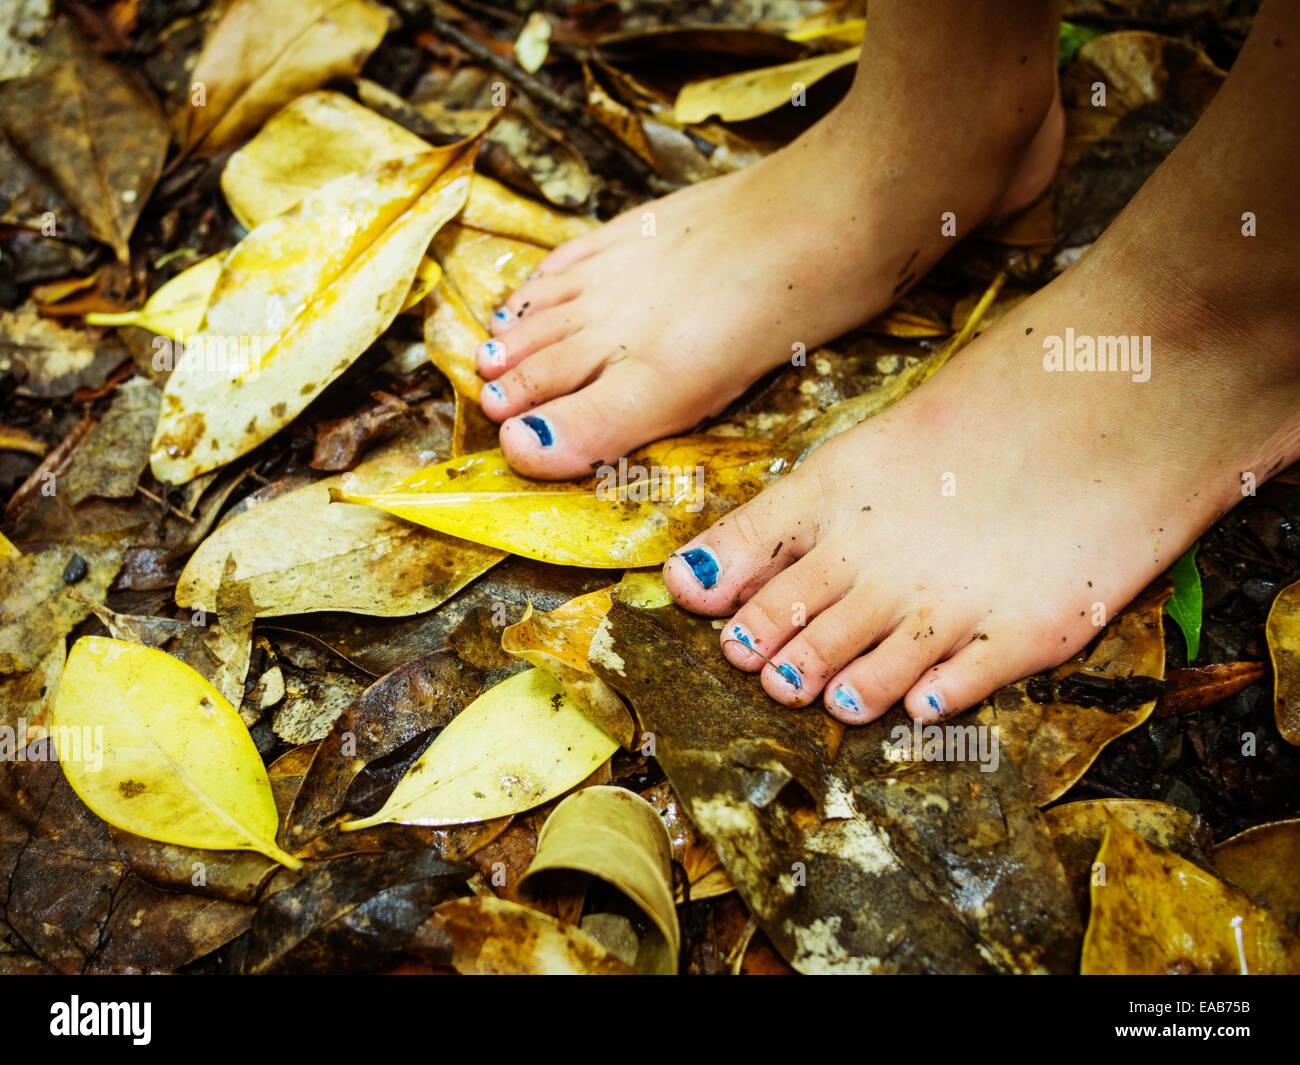 Pieds nus sur les feuilles tombées. Photo Stock